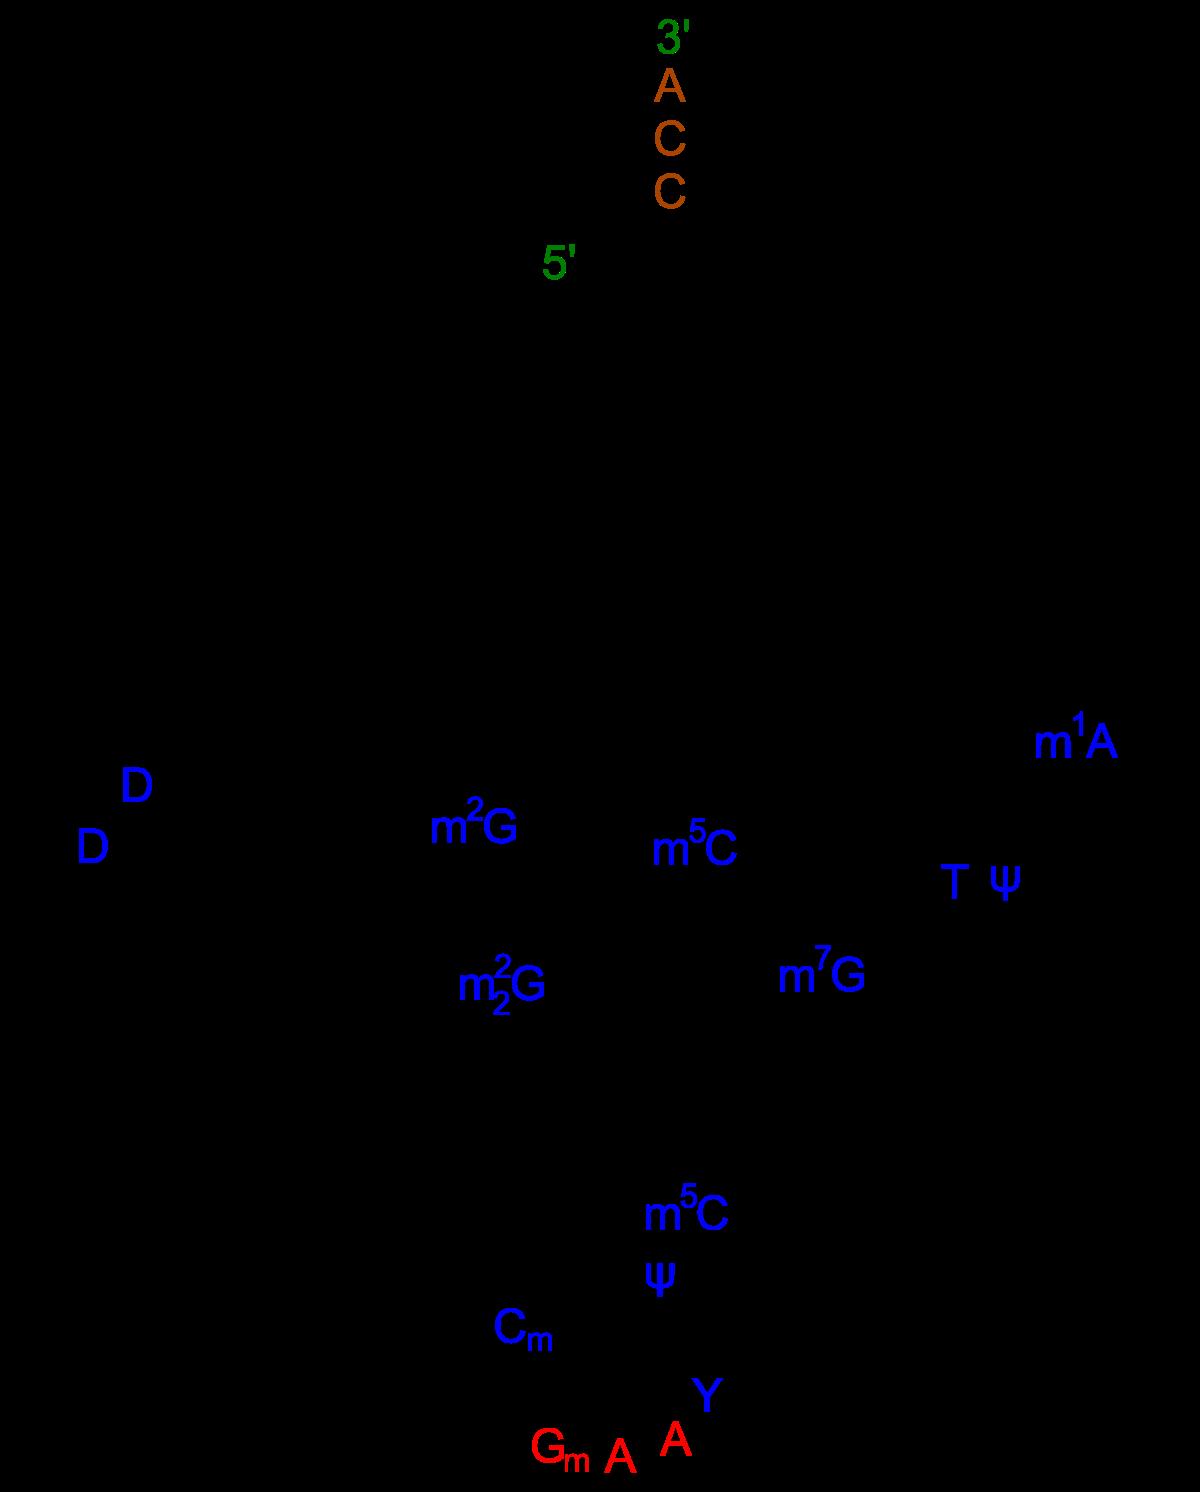 https://en.wikipedia.org/wiki/Transfer_RNA